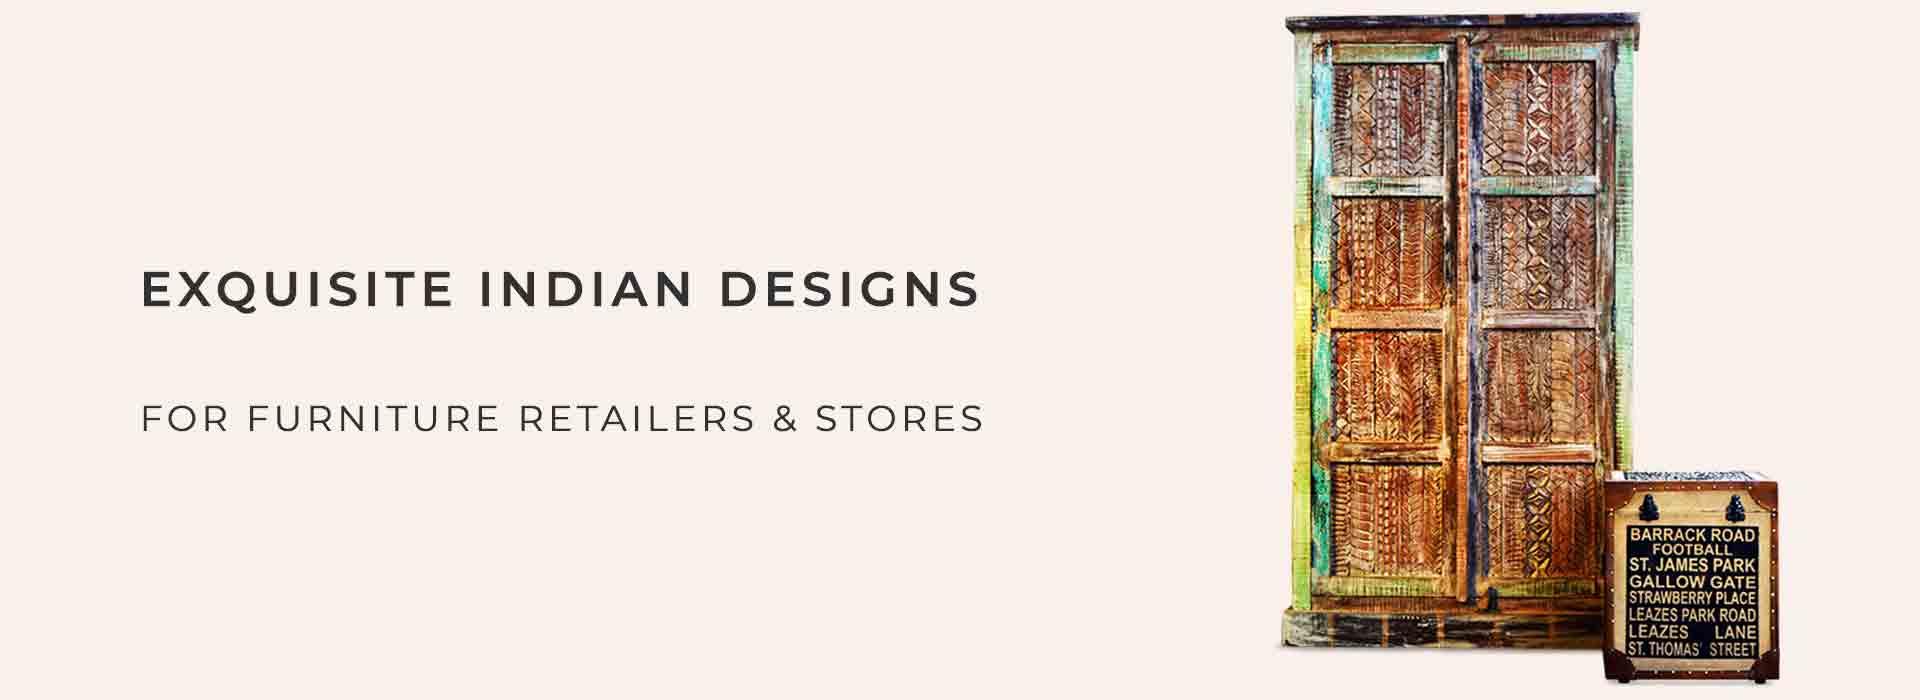 FurnitureRoots è un esportatore indiano produttore di mobili per negozi di mobili globali e catene di mobili